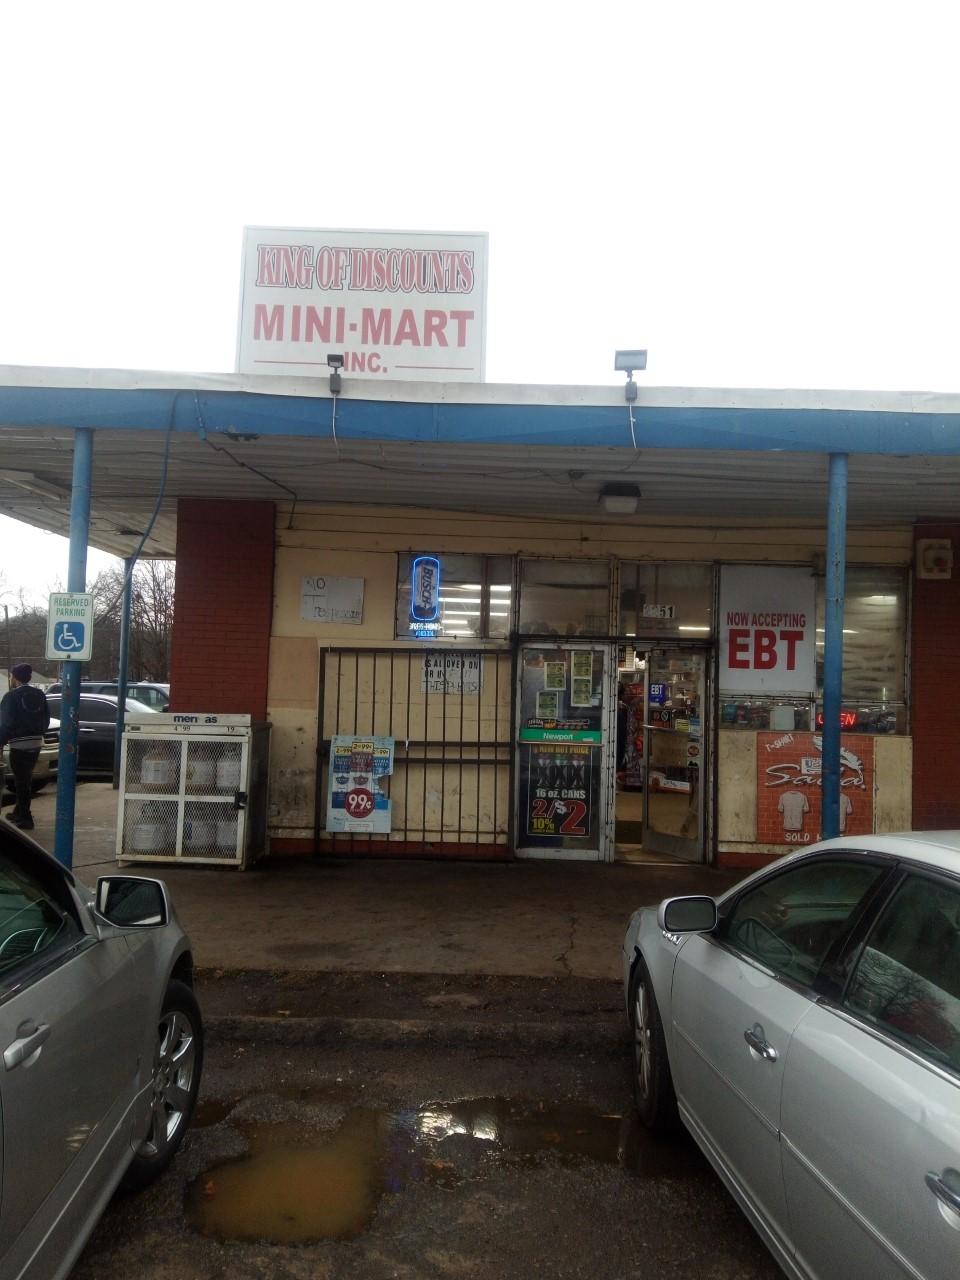 King Discount Mini Mart